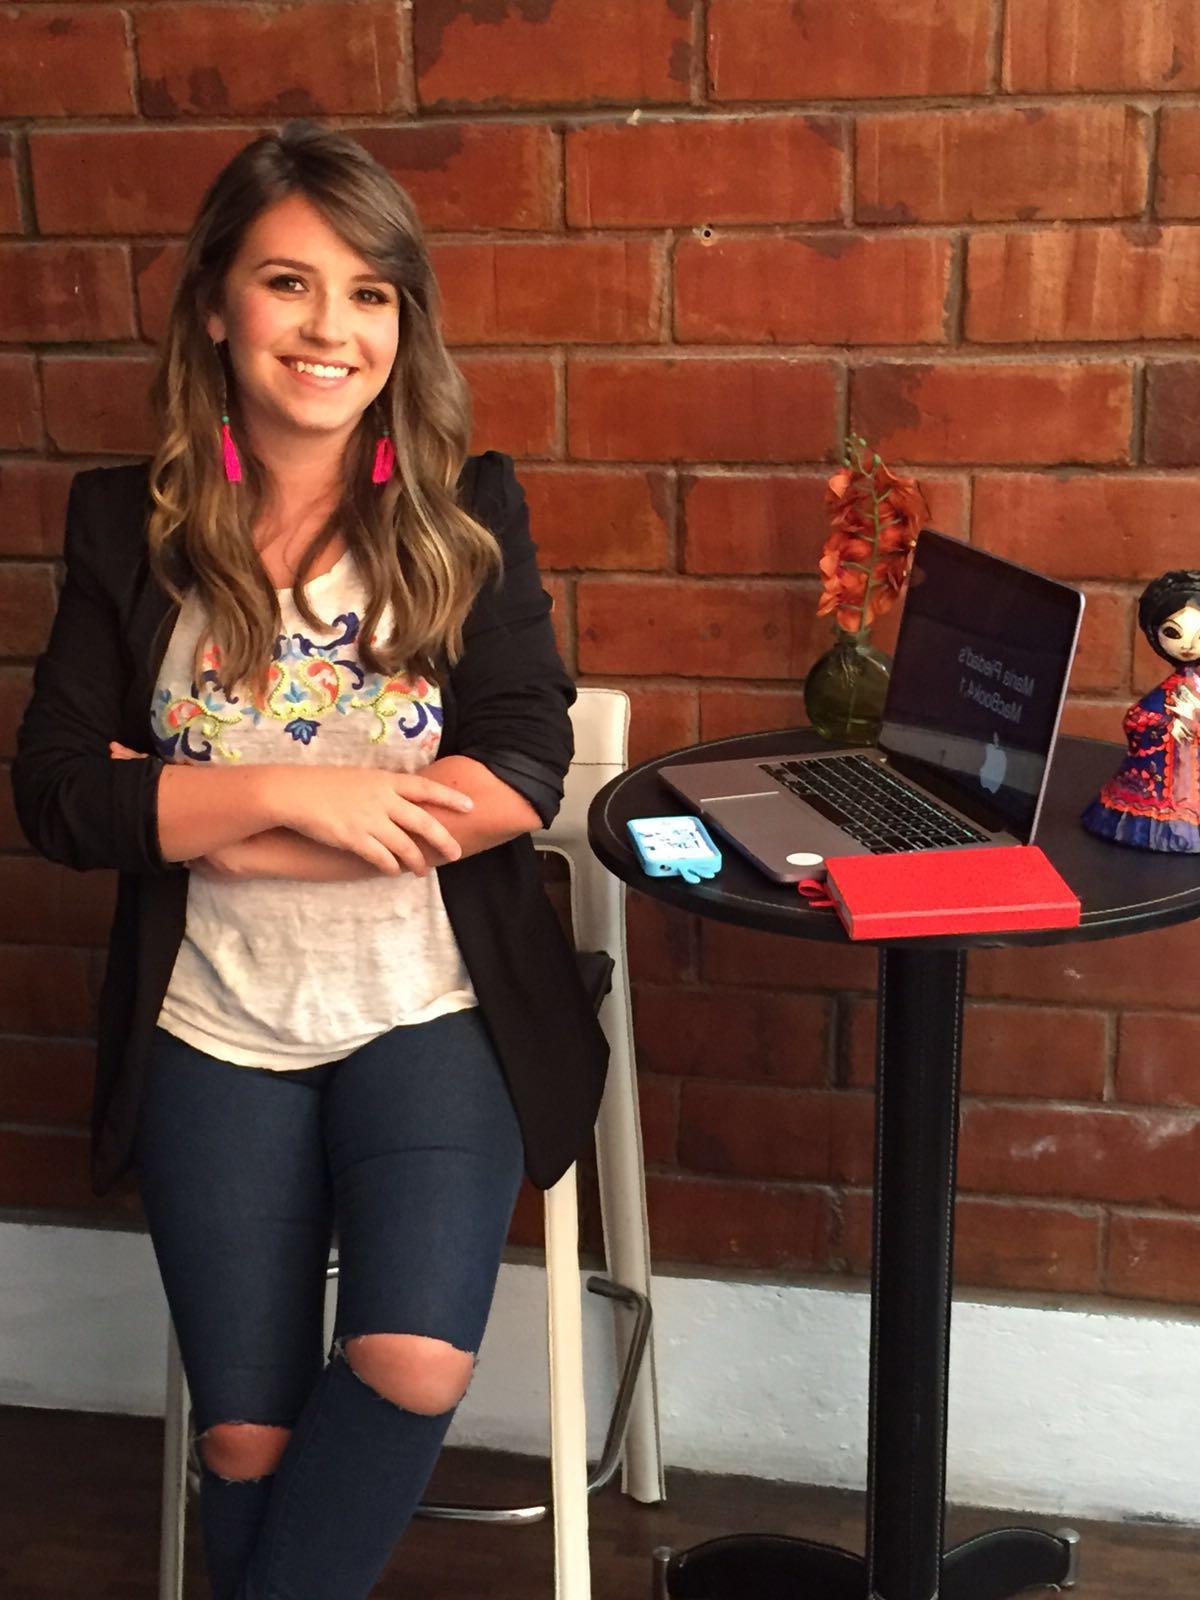 Andrea Costales - Quiteña de 28 años, estudió en la Universidad San Francisco de Quito la carrera de Ciencias Políticas y se ha especializado en temas de género, y emprendimiento.Desde los 16 años ha estado involucrada en proyectos de carácter social; es fundadora de WARMI, empresa que diseña y produce diversos productos con una comunidad de mujeres en las afueras de Quito.Andrea también da servicio de consultoría a aquellas mujeres que quieren crear un negocio propio que esté alineado con su misión de vida.Ha sido colaboradora de diversos medios de comunicación como: Revista SOHO y Gkillcity.